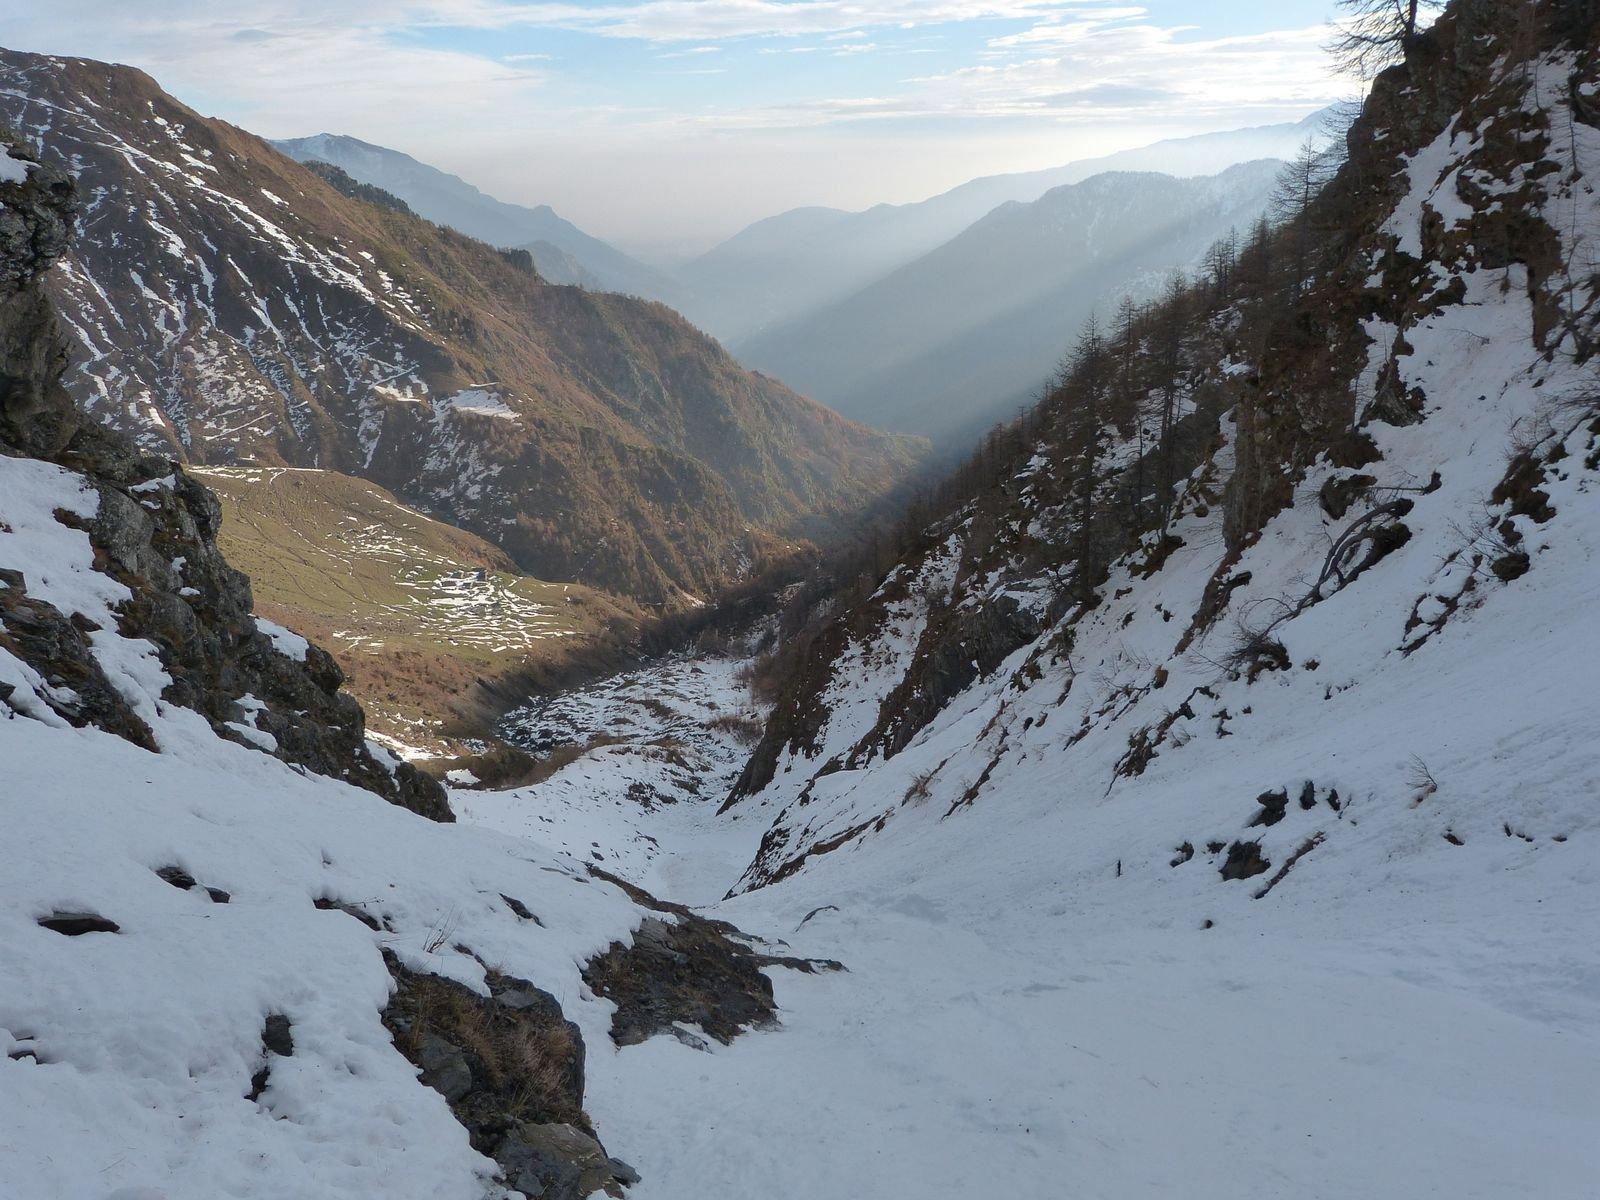 nel canale principale, già oltre la cascata, vista verso valle